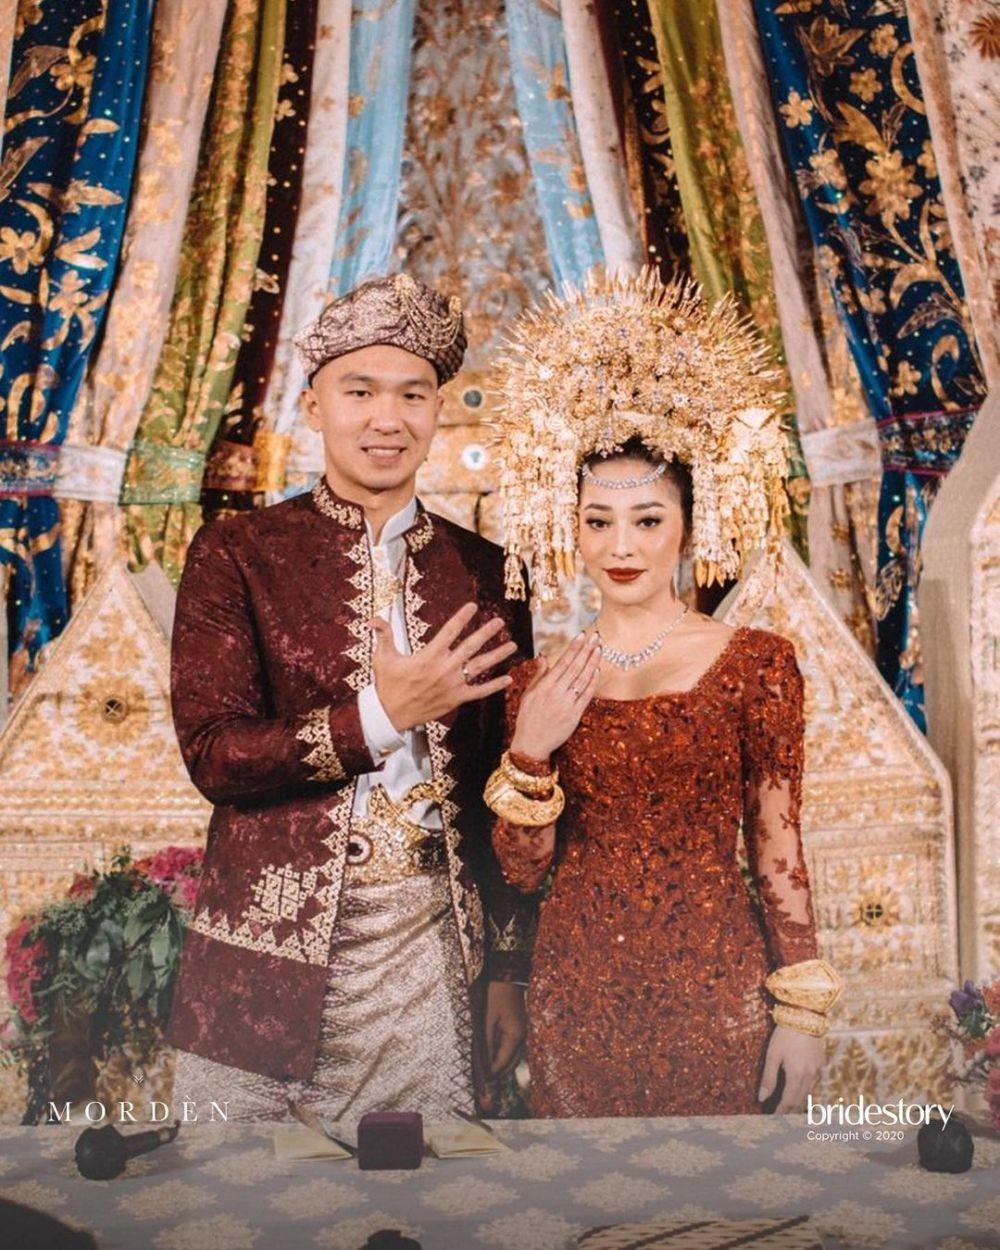 10 Momen Indra Priawan Dapat Gelar Minang di Pernikahan Nikita Willy